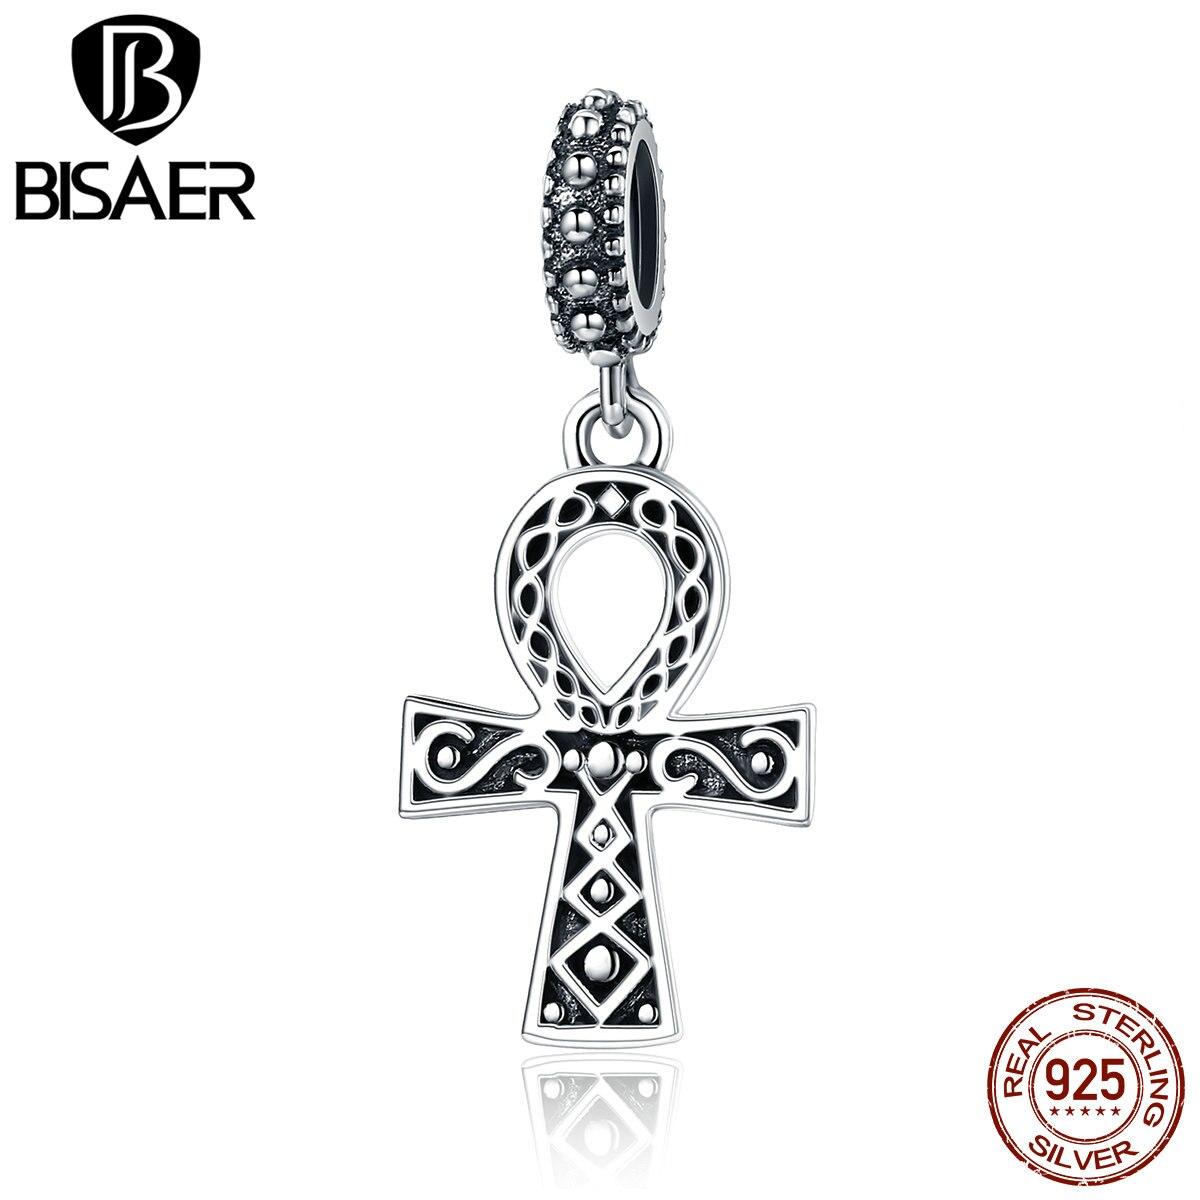 100% Стерлинговое Серебро 925 пробы сила веры, Кристиан крест Иисус Подвески подходят Подвески браслет ожерелья Модные ювелирные изделия